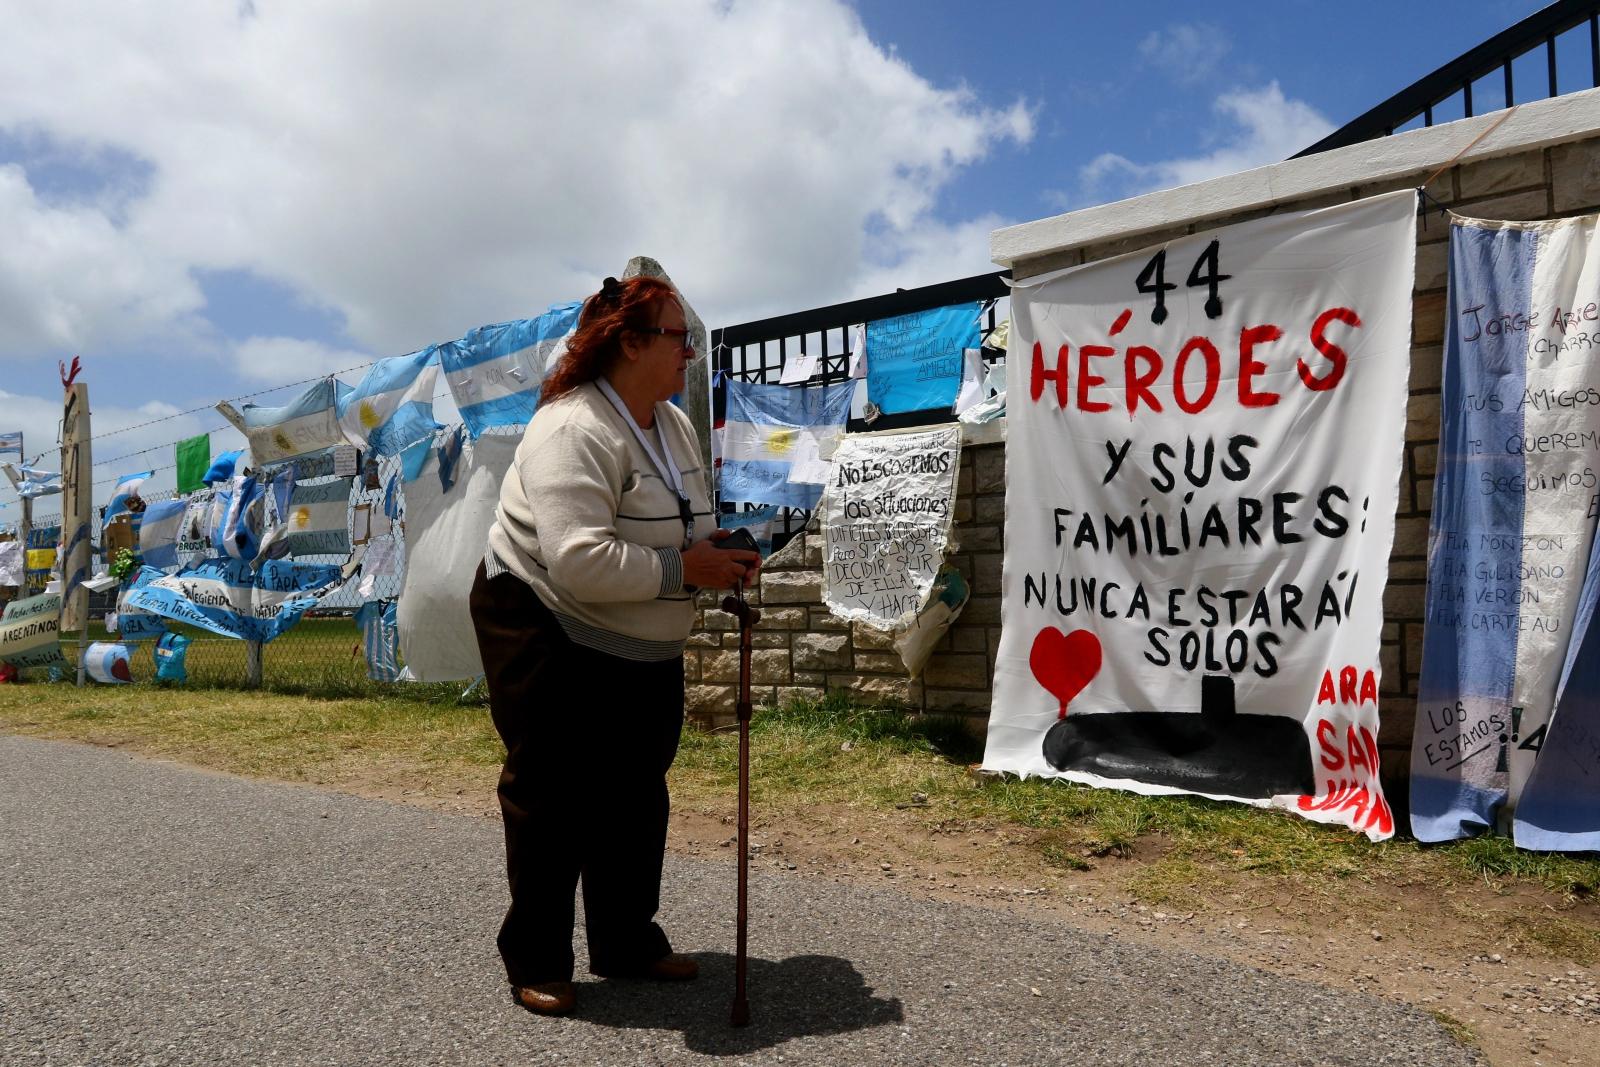 Kobieta wpatruje się w baner poświęcony załodze zaginionej argentyńskiej łodzi podwodnej.